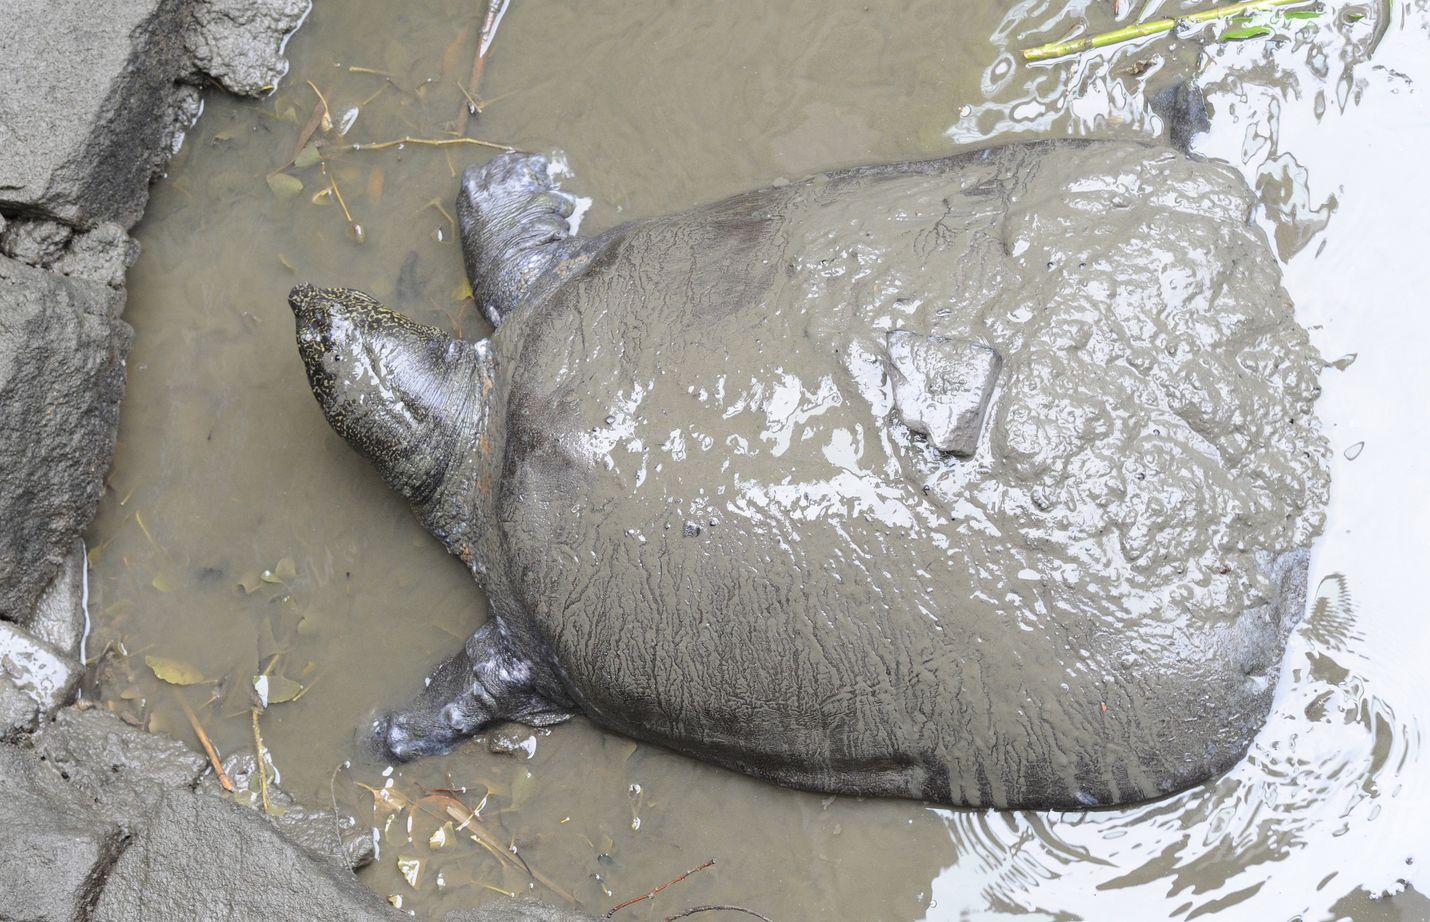 Viikonloppuna kuollut lajinsa viimeinen tiedetty naaraskilpikonna ryömi mudassa Suzhoun eläintarhassa toukokuussa 2015 otetussa kuvassa.